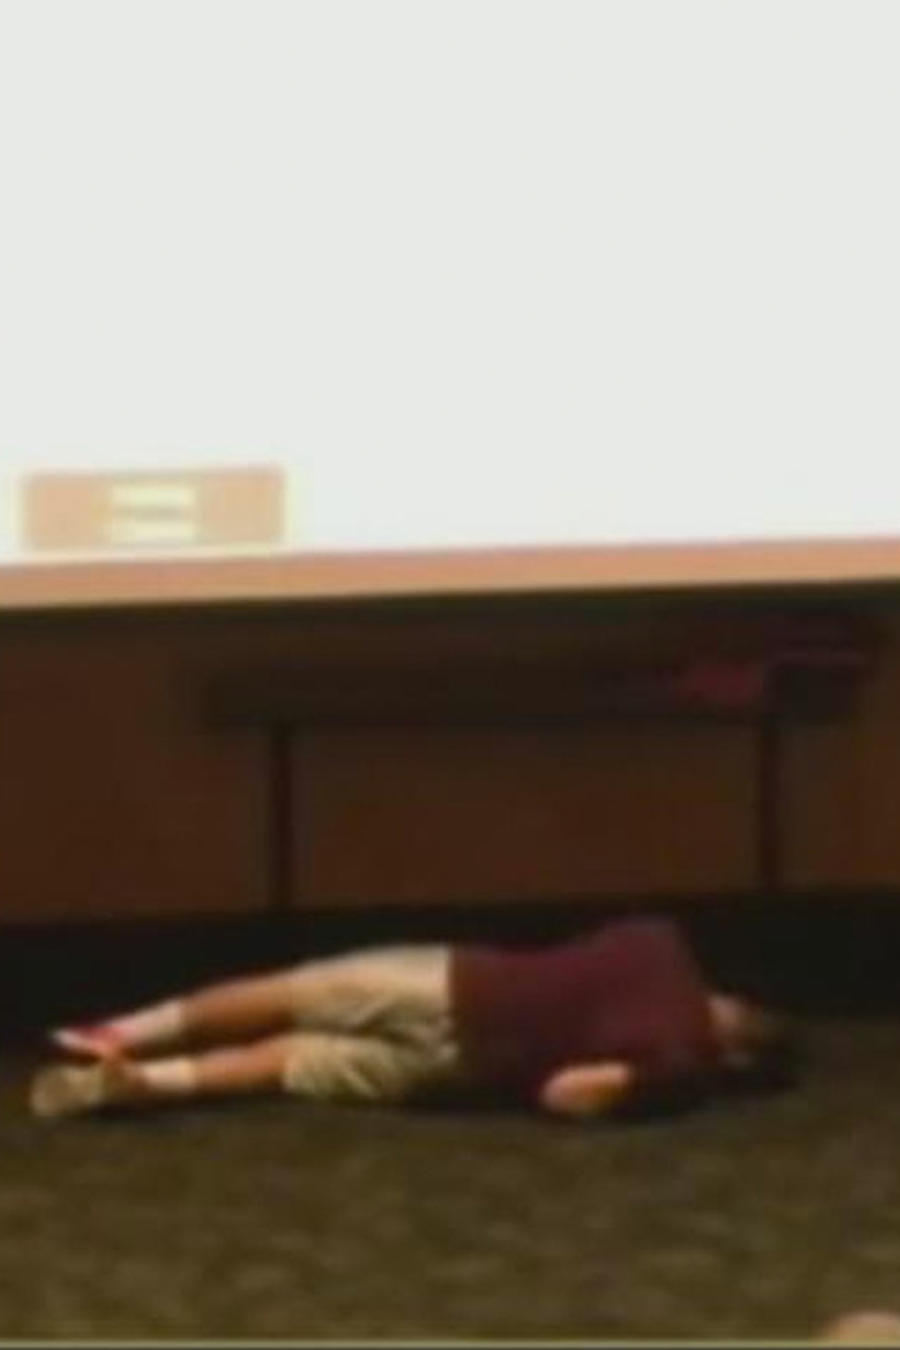 estudiante cae por dormirse